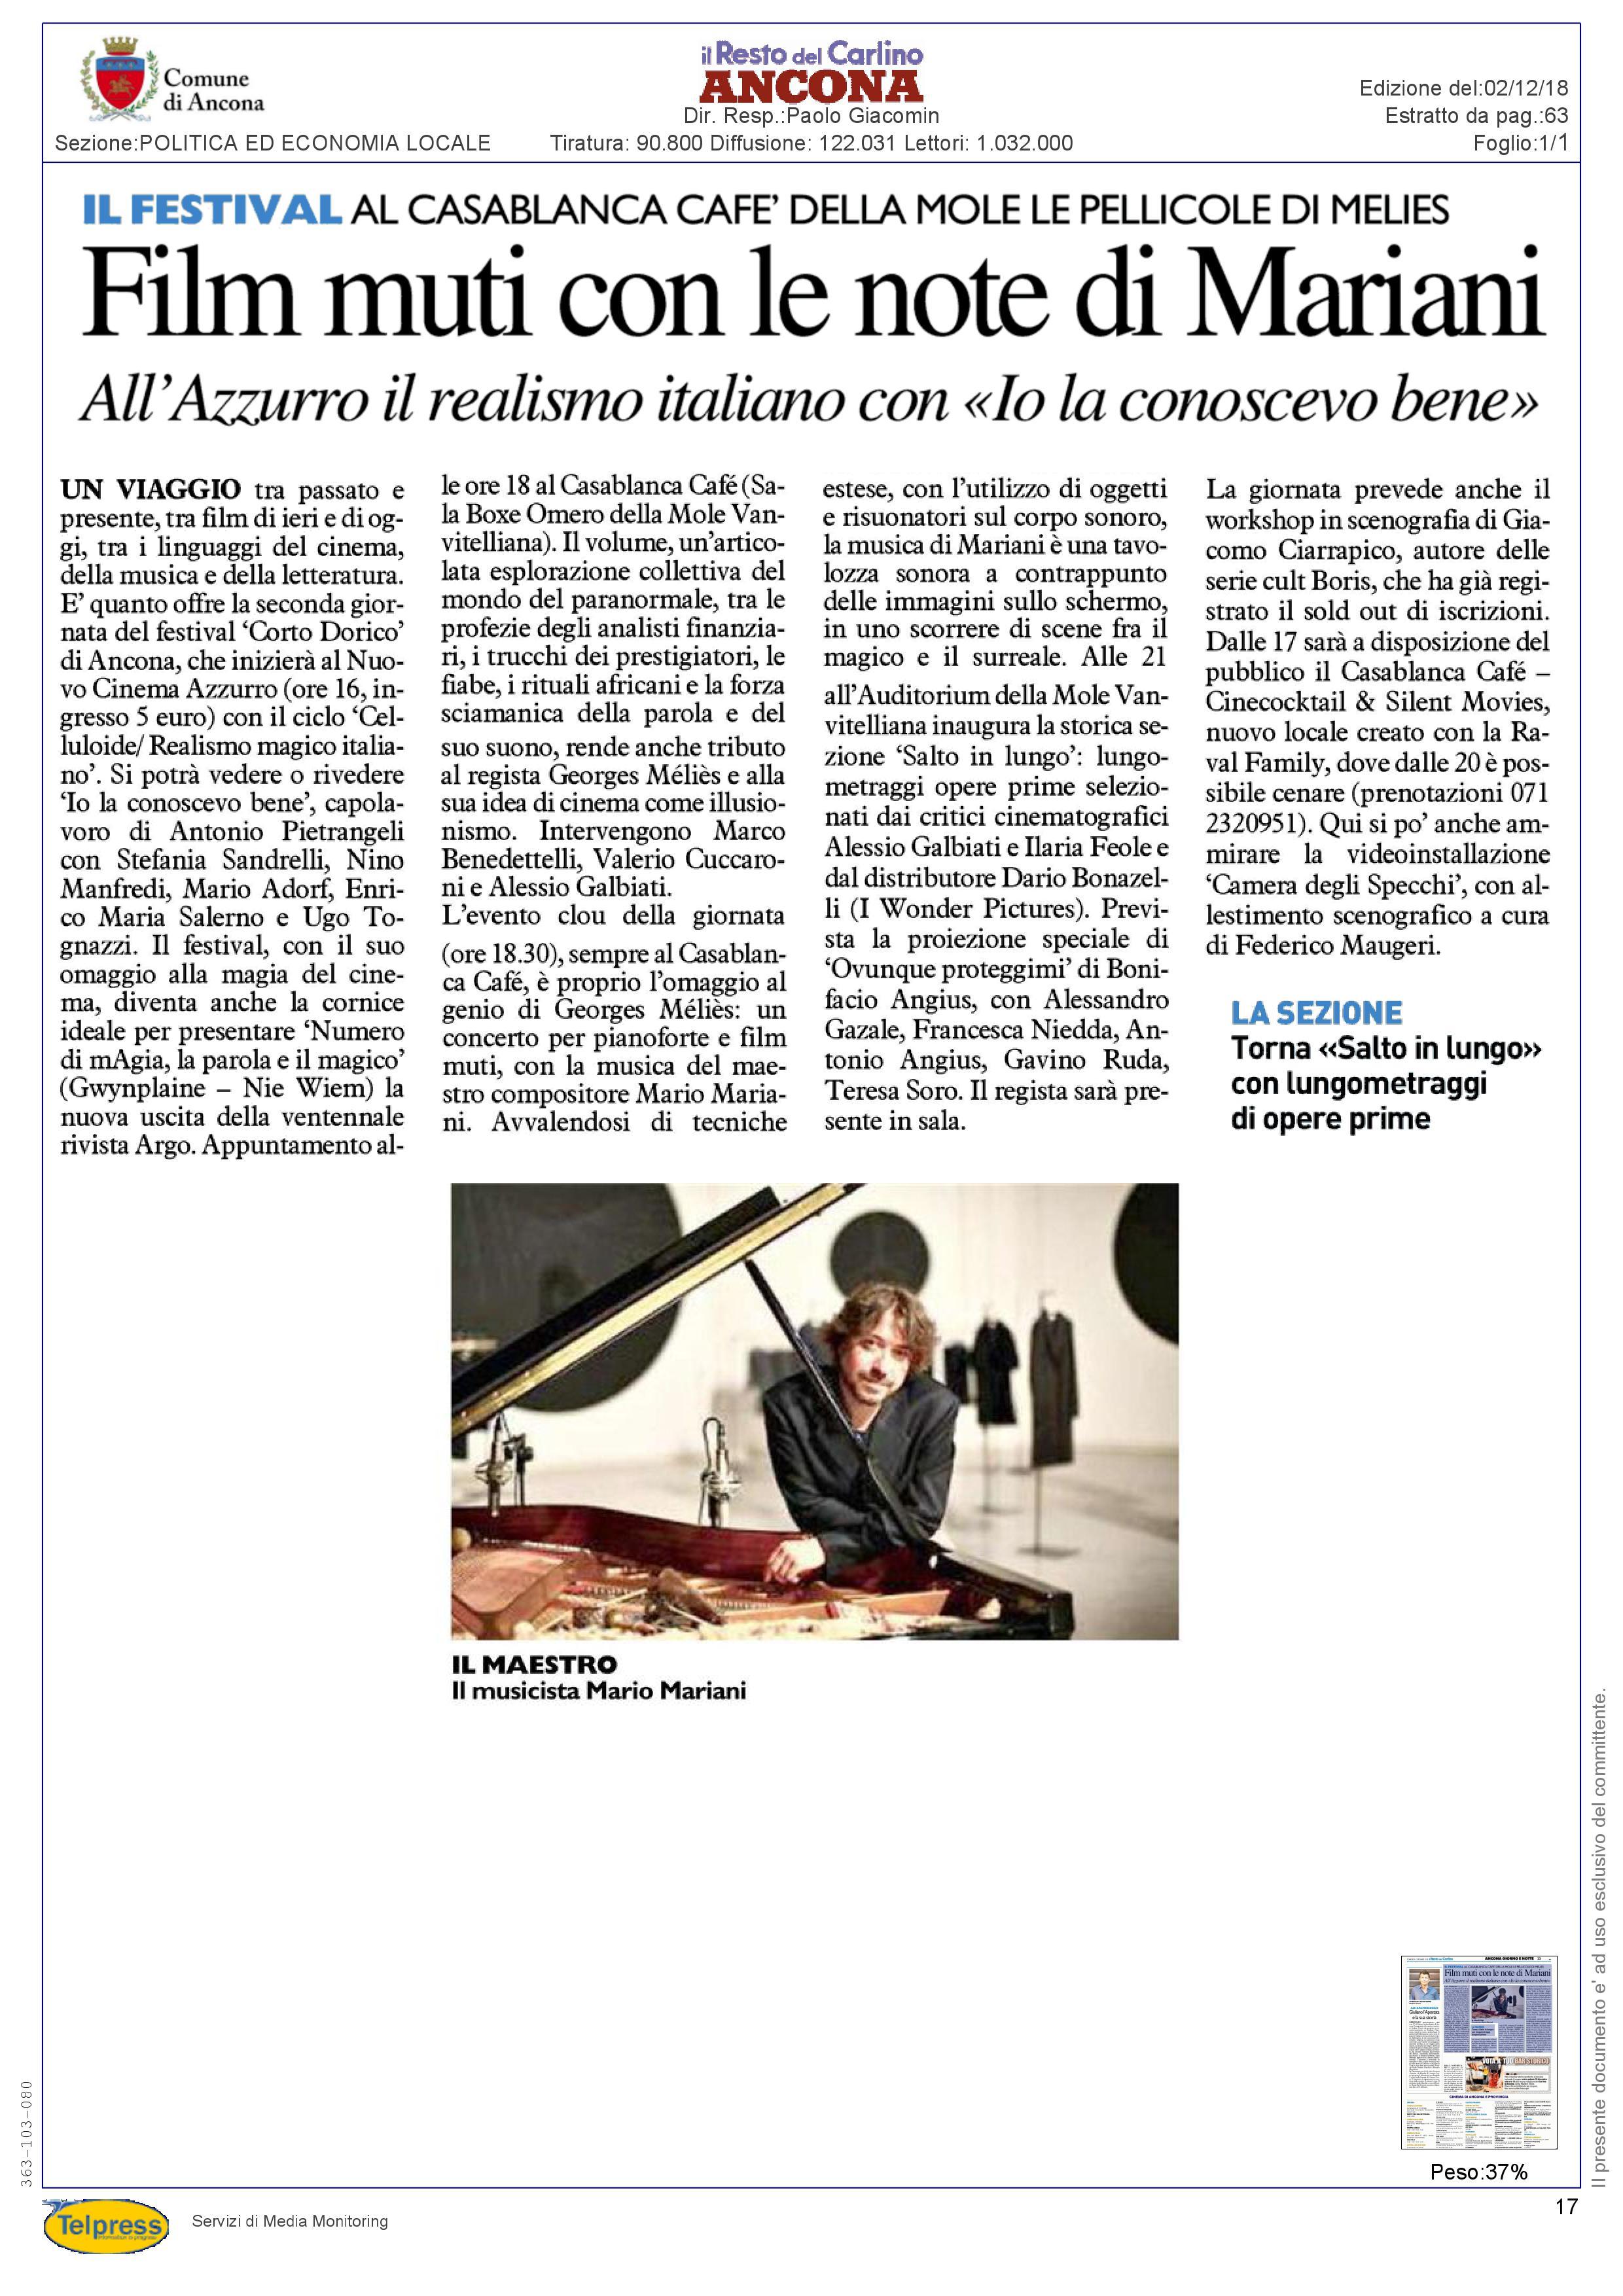 2-12-18 Il Resto del Carlino (Ancona)